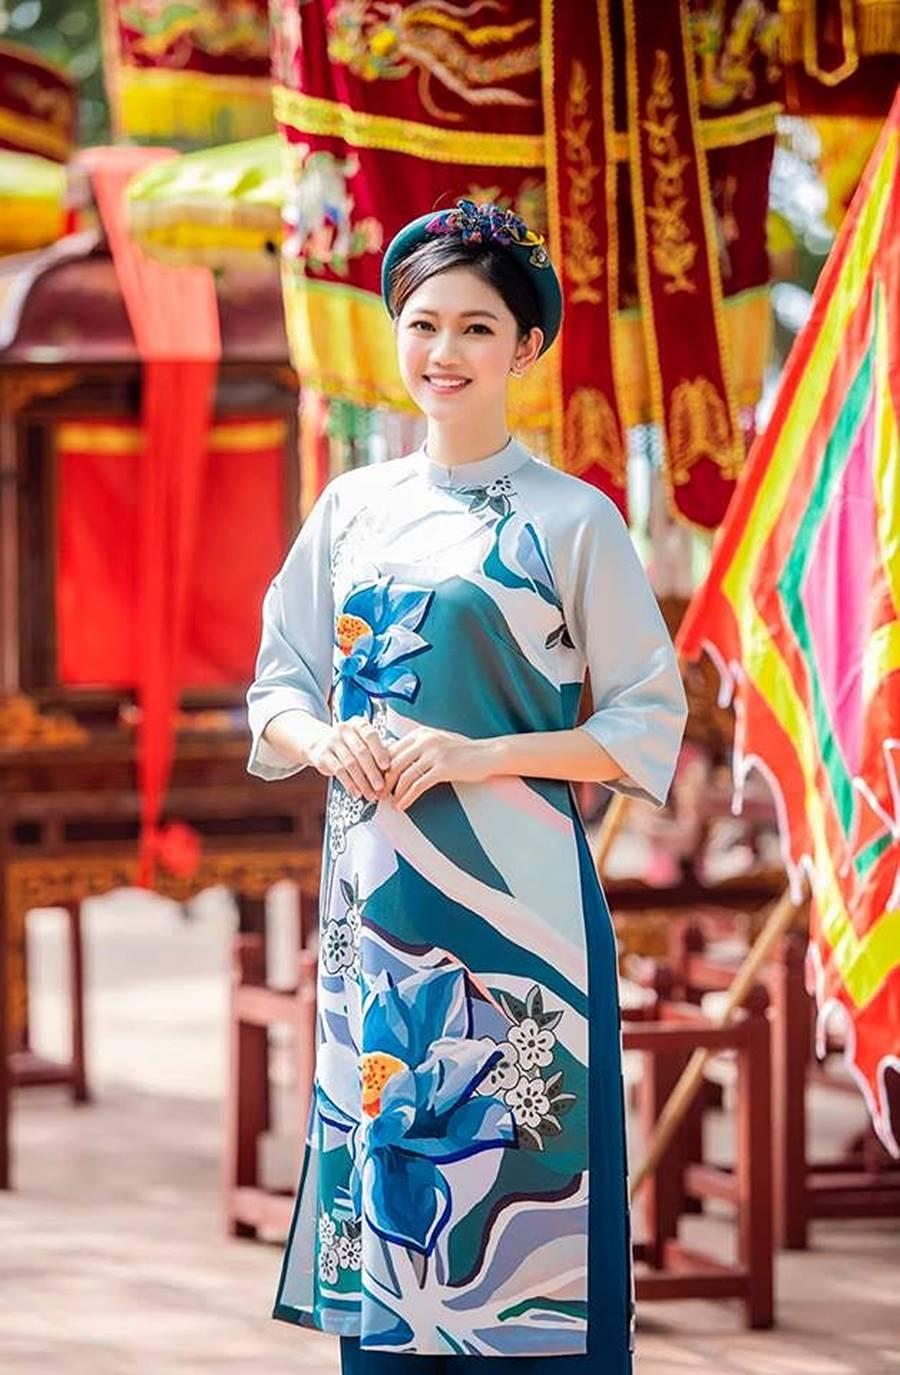 Hoa hậu Tiểu Vy, Á hậu Phương Nga đốn tim fans với váy áo lộng lẫy-9